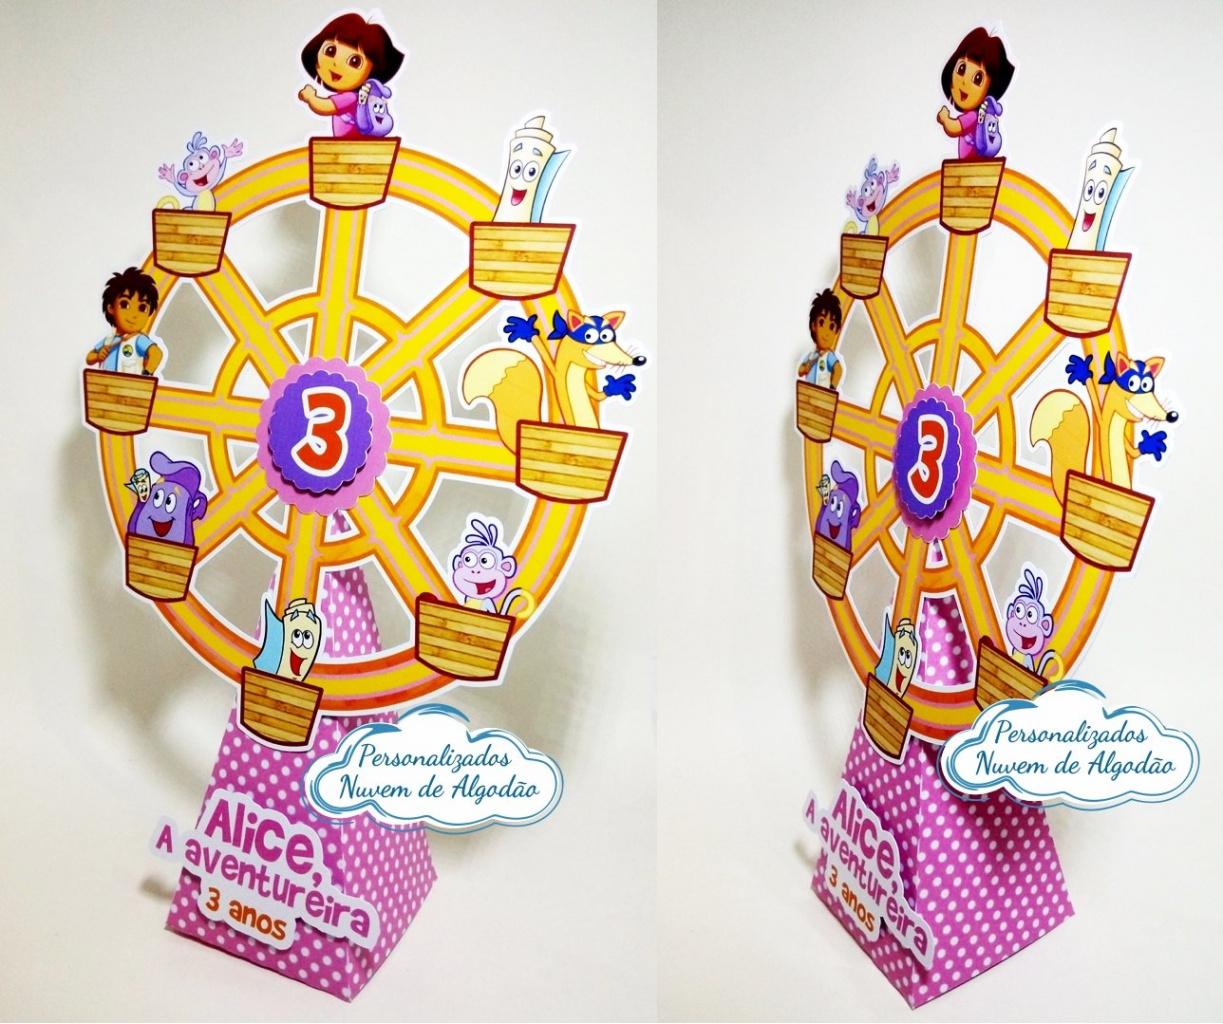 Nuvem de algodão personalizados - Roda gigante Dora aventureira